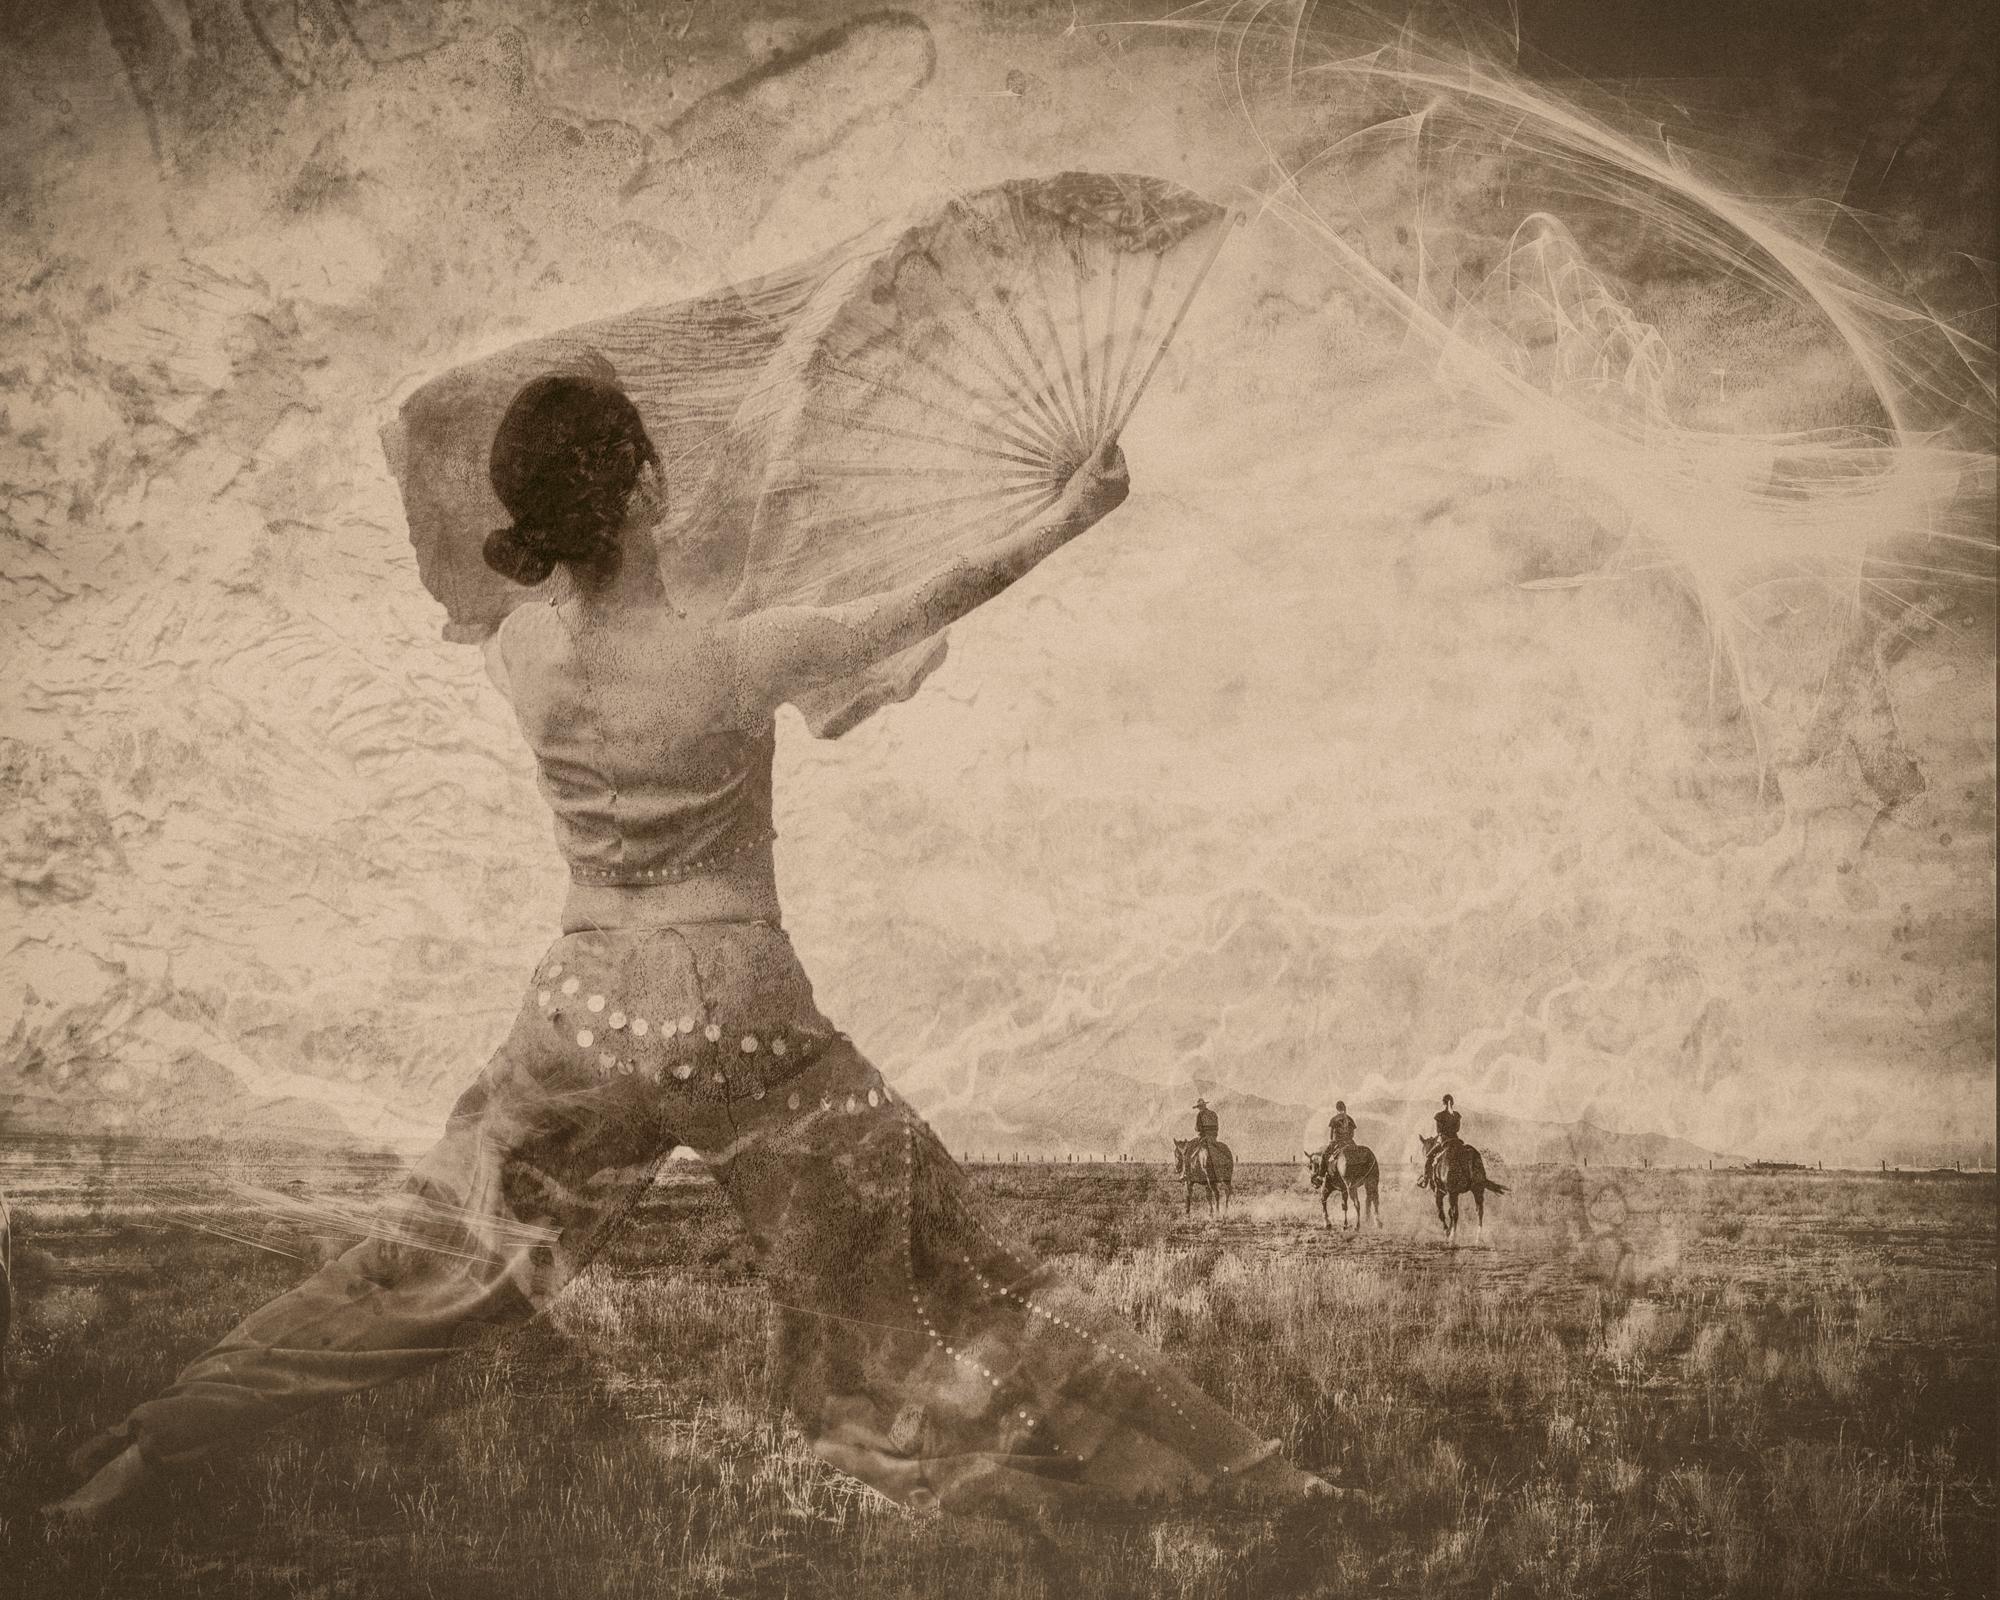 PaulaDPowers-Dancing on the Prairie.jpg